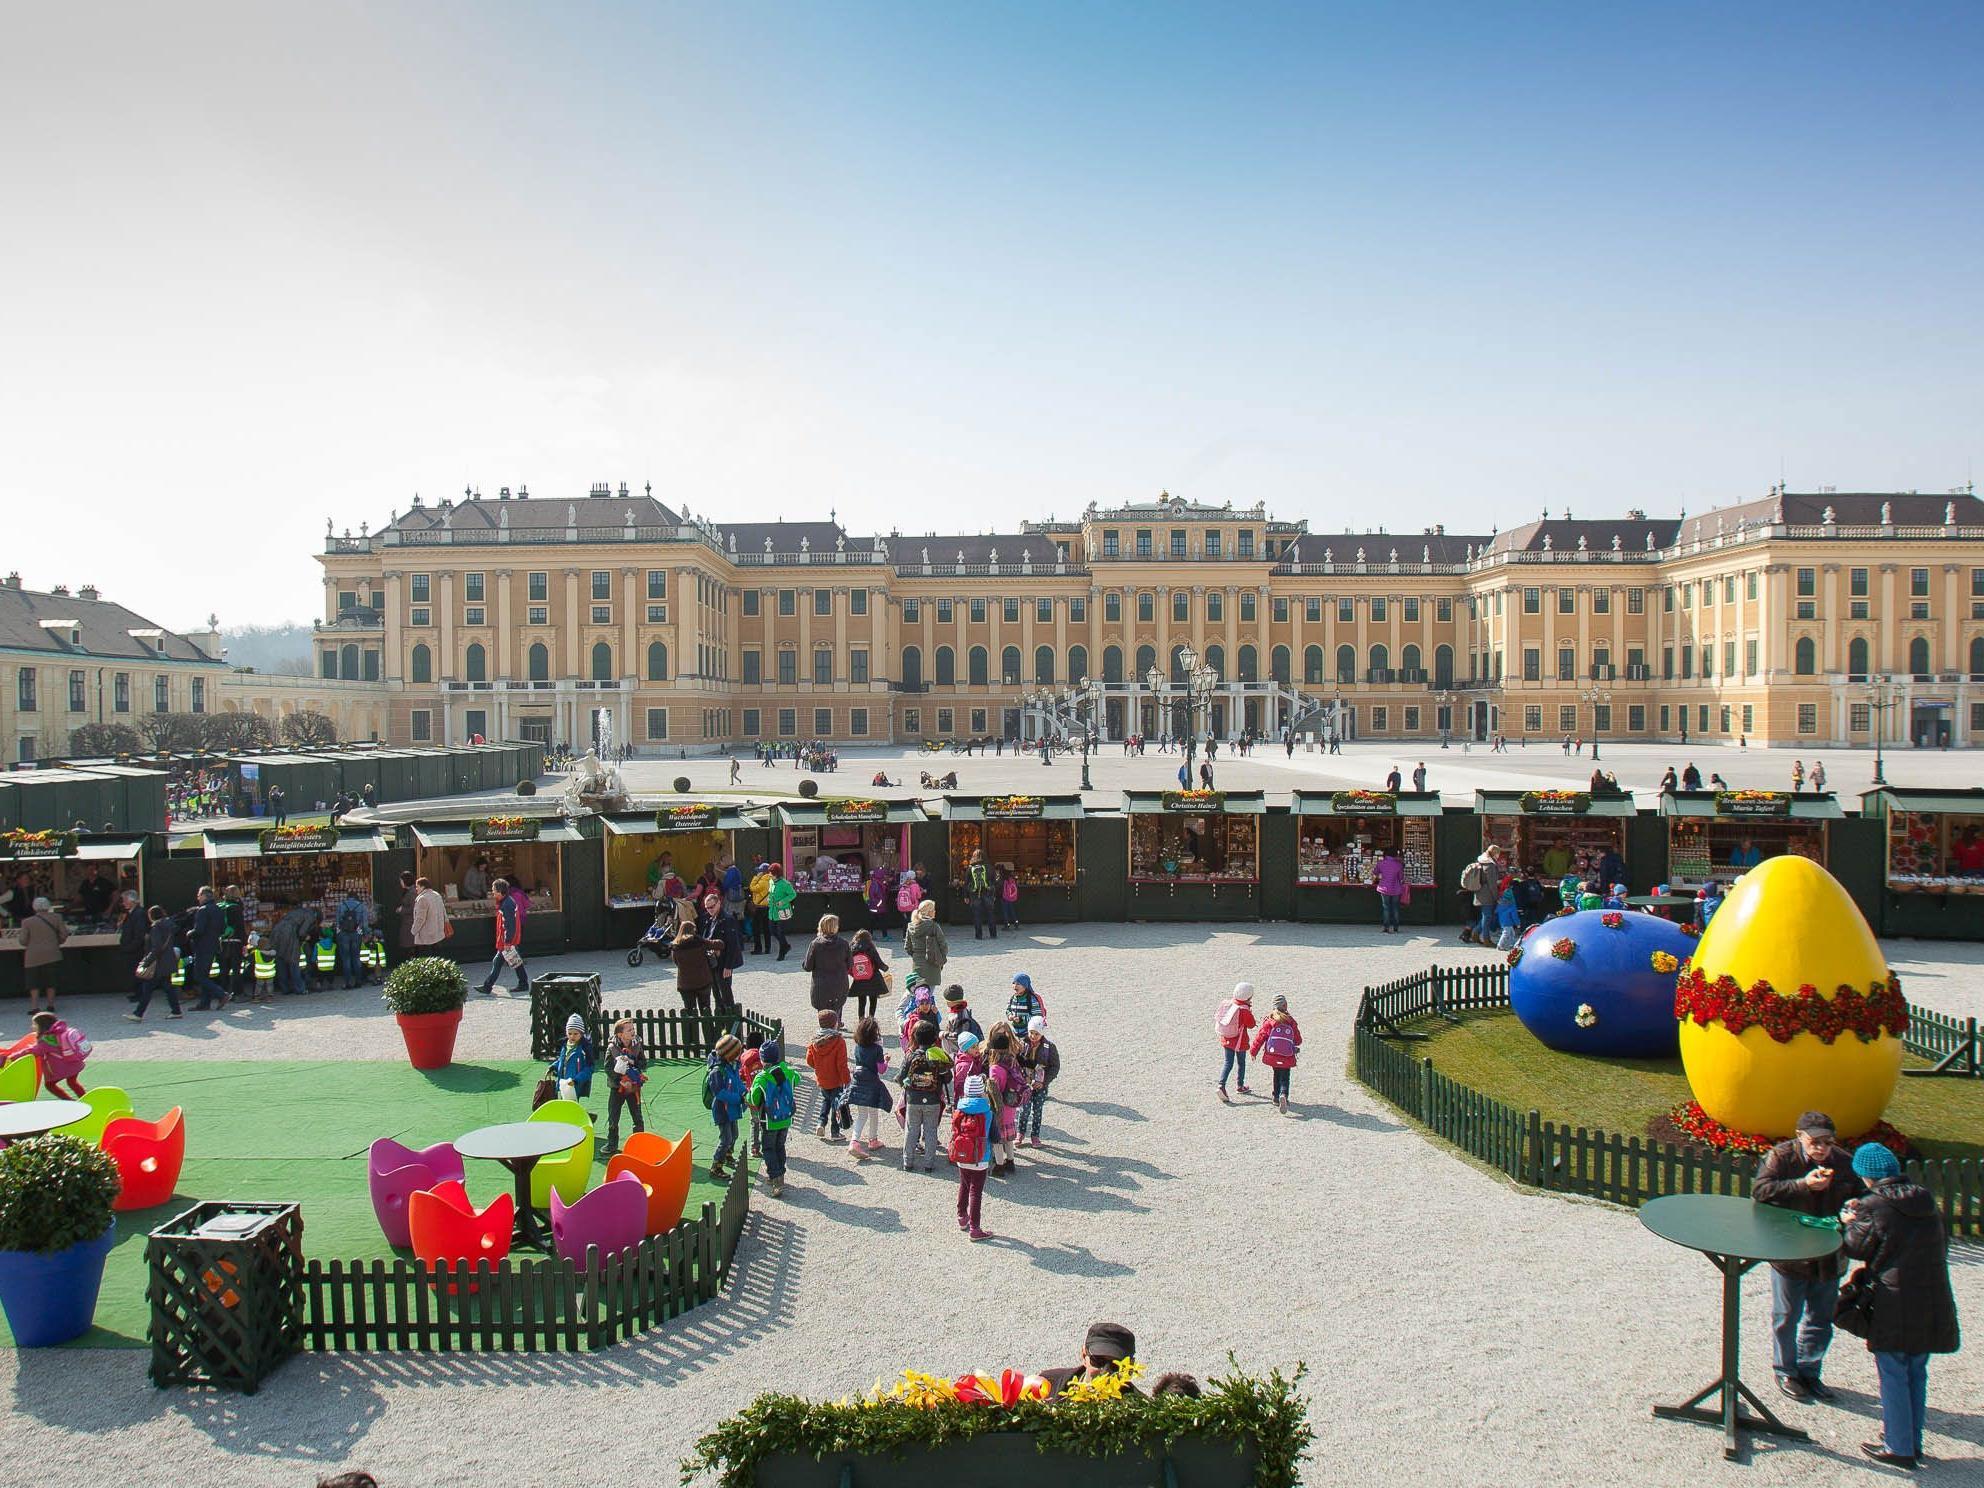 Der Ostermarkt Schloss Schönbrunn lockt auch heuer die Besucher an